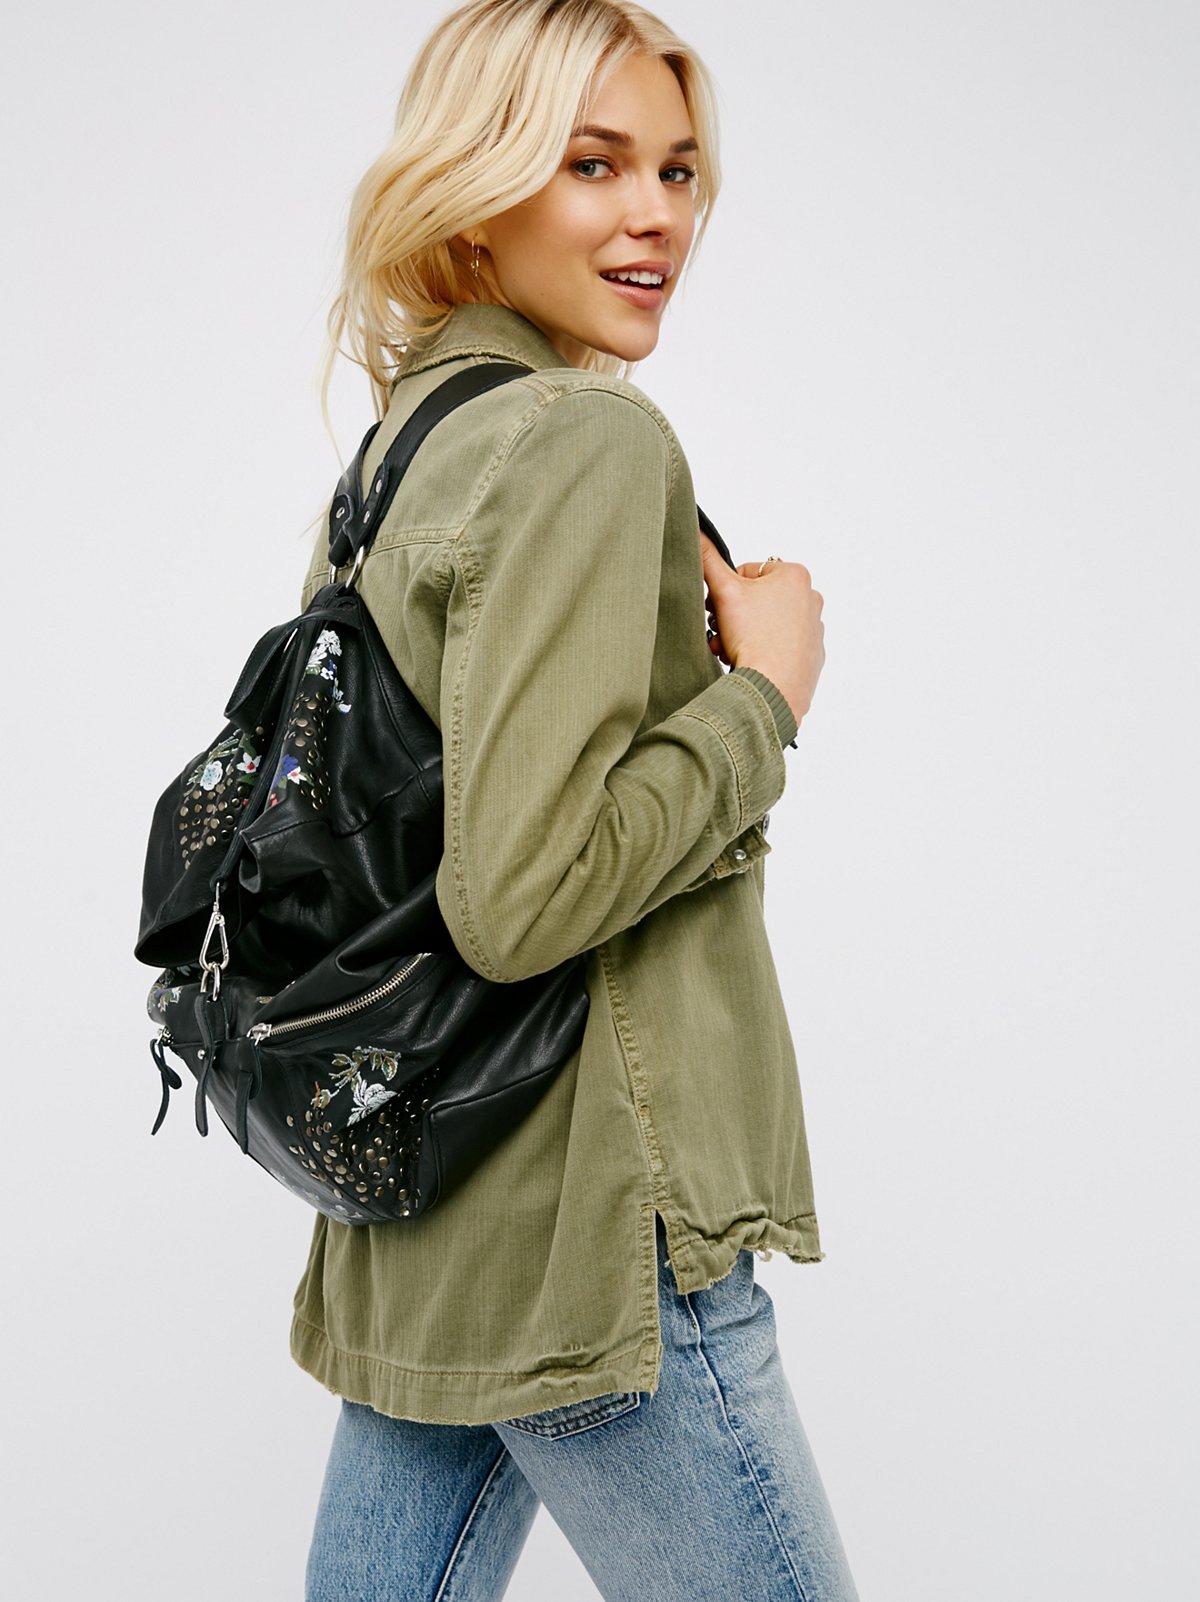 Violet Storm Leather Backpack